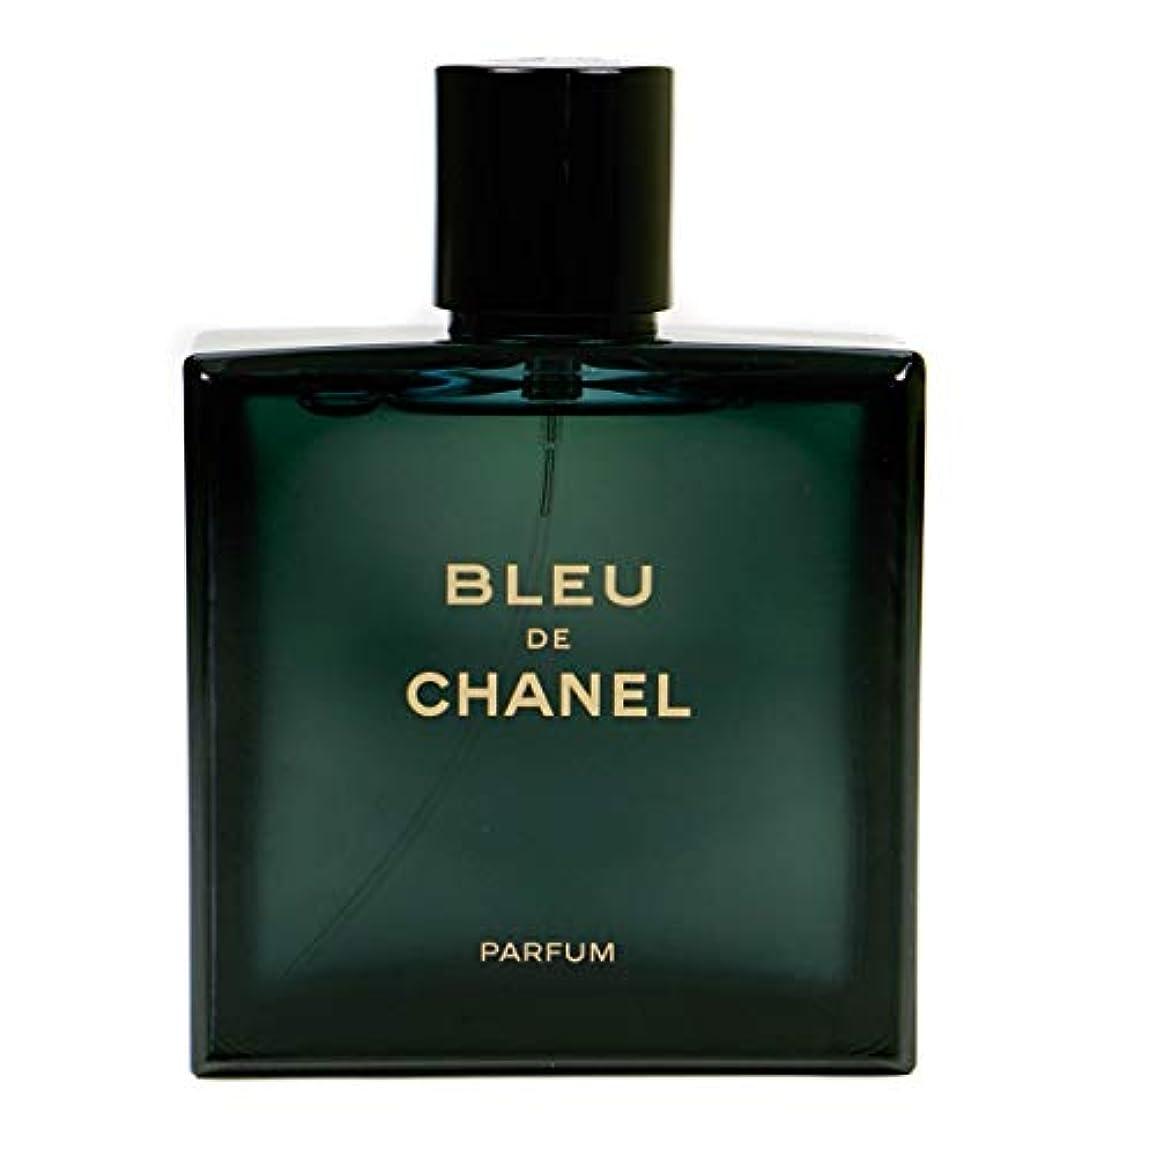 針トレッド記録シャネル CHANEL ブルー ドゥ シャネル パルファム 〔Parfum〕 100ml Pfm SP fs